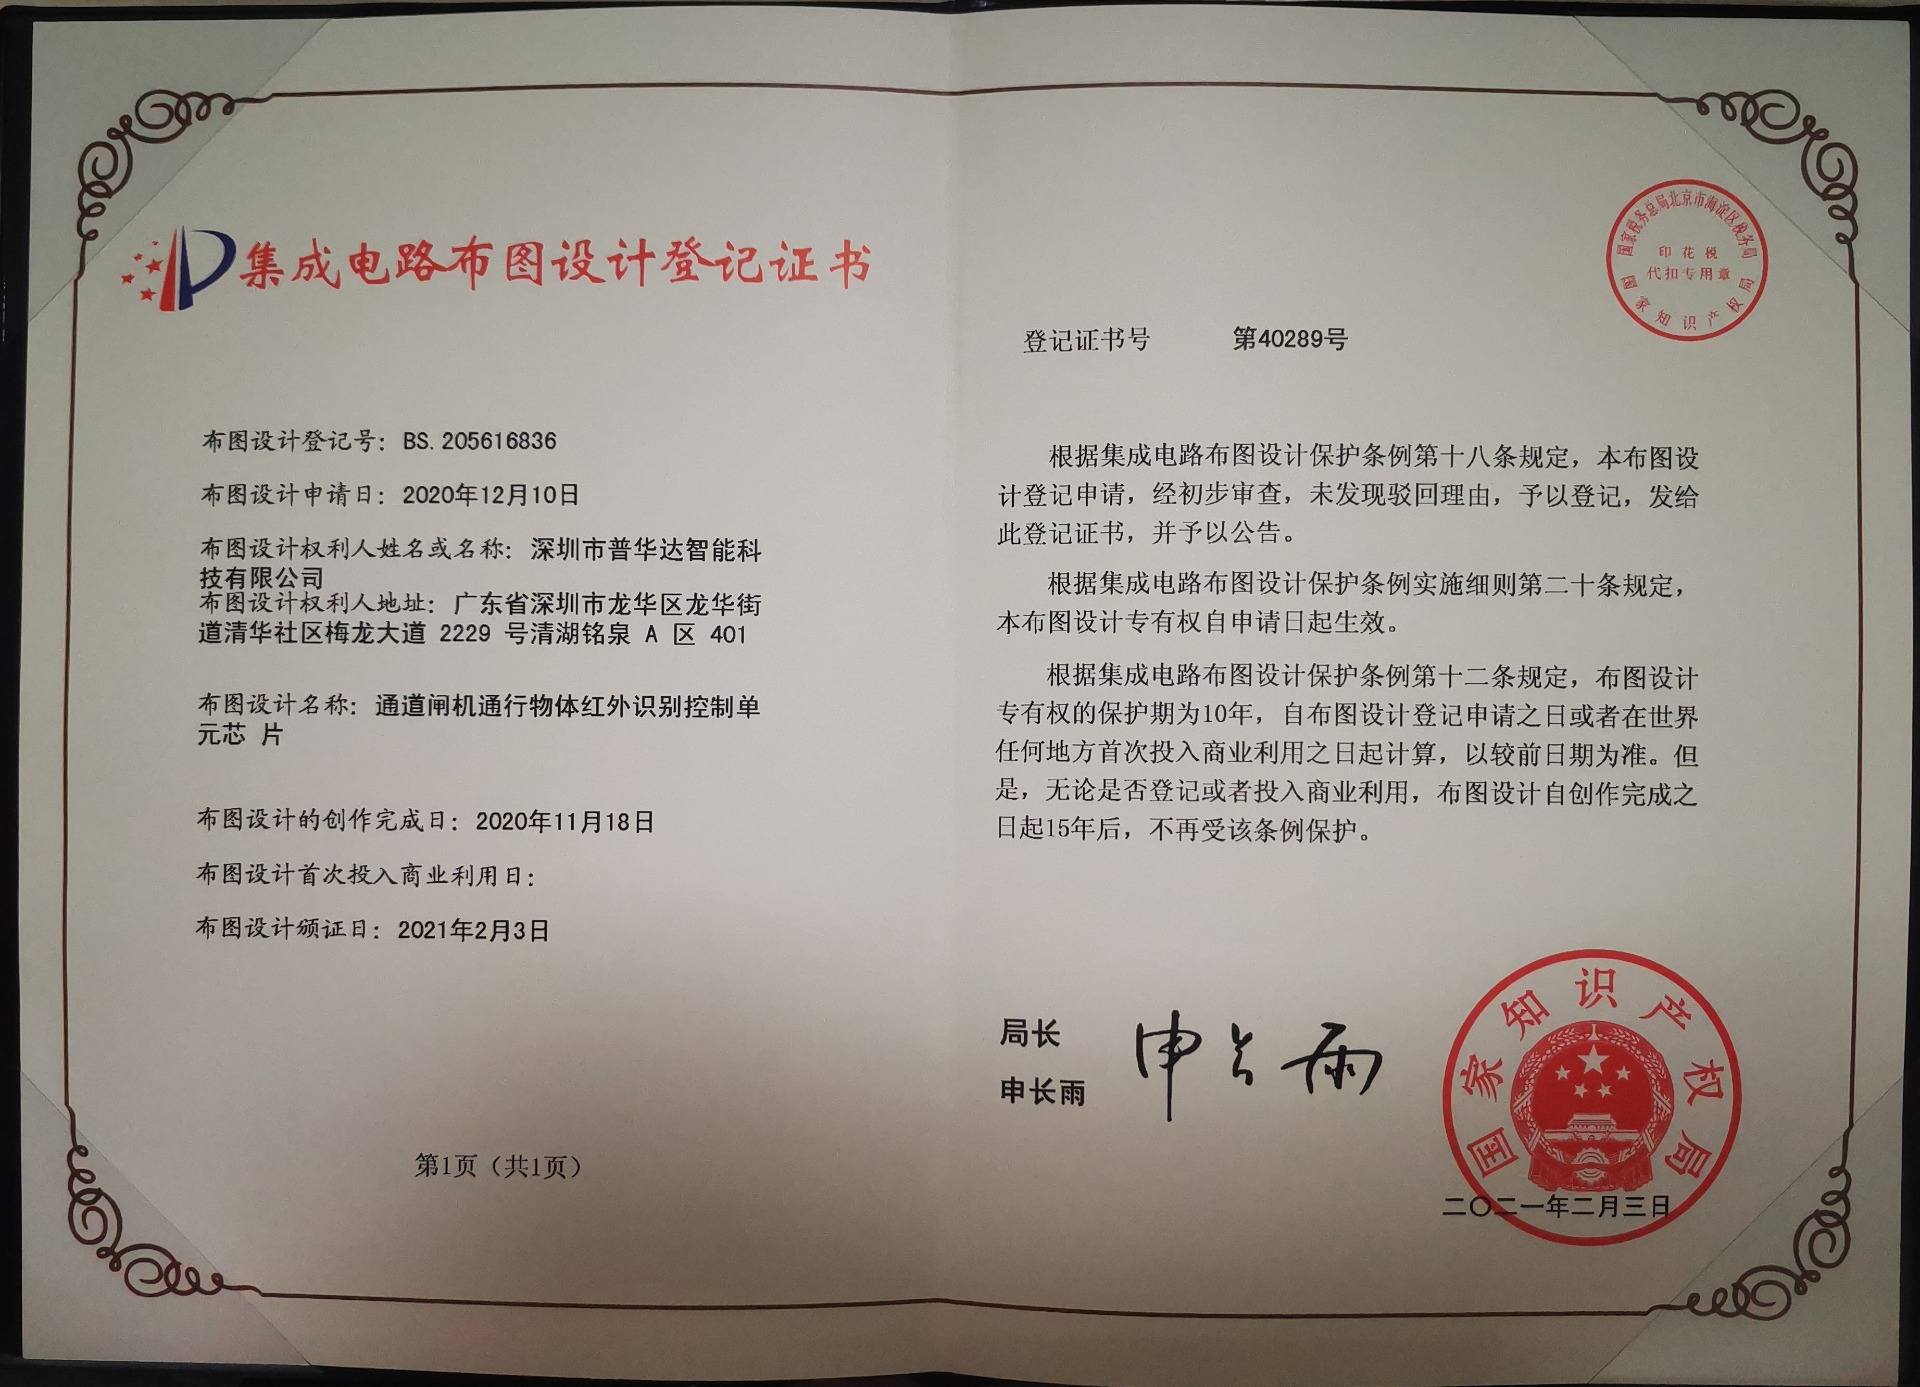 集成电路布图设计登记证书